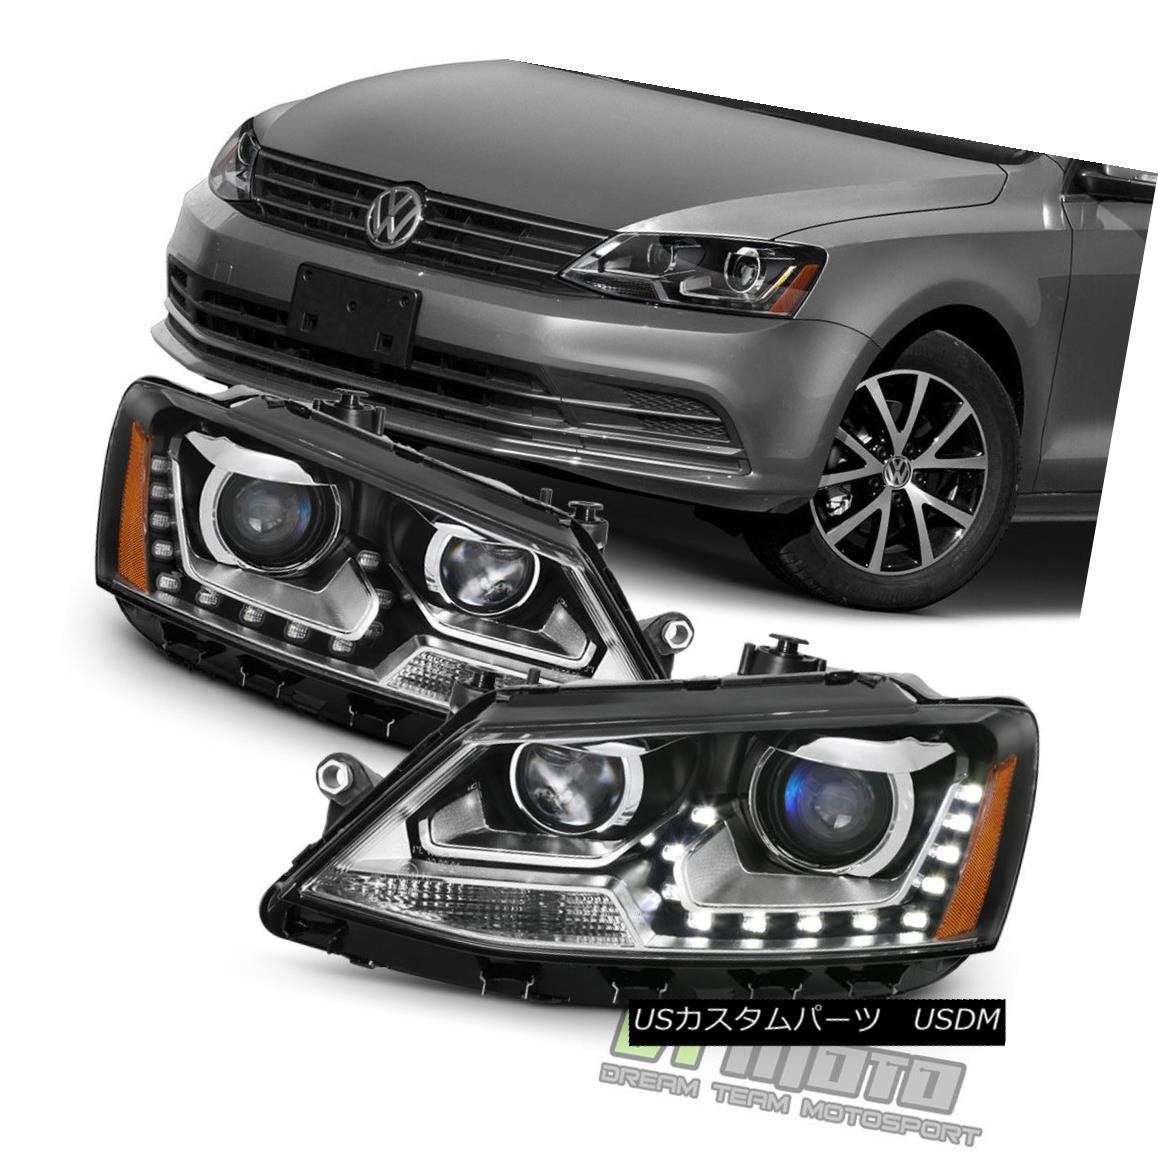 ヘッドライト Halogen Model 2011-2017 VW Jetta Sedan LED U-Shape DRL Projector Blk Headlights ハロゲンモデル2011-2017 VWジェッタセダンLED U字型DRLプロジェクターBLKヘッドライト